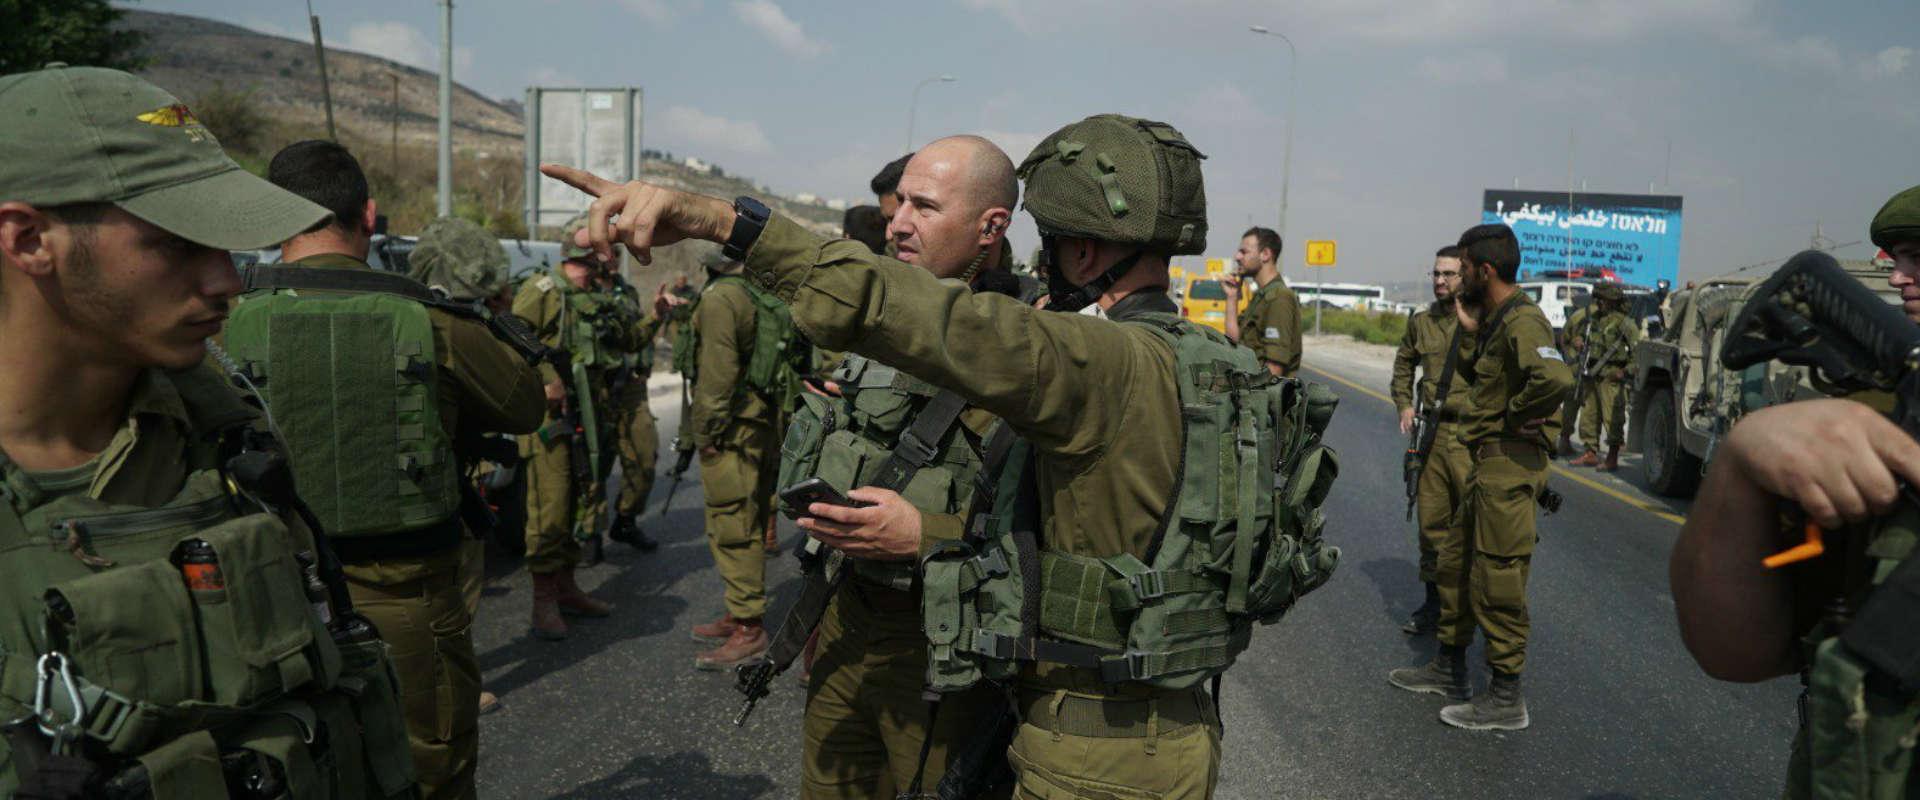 """כוחות צה""""ל בזירת הפיגוע"""